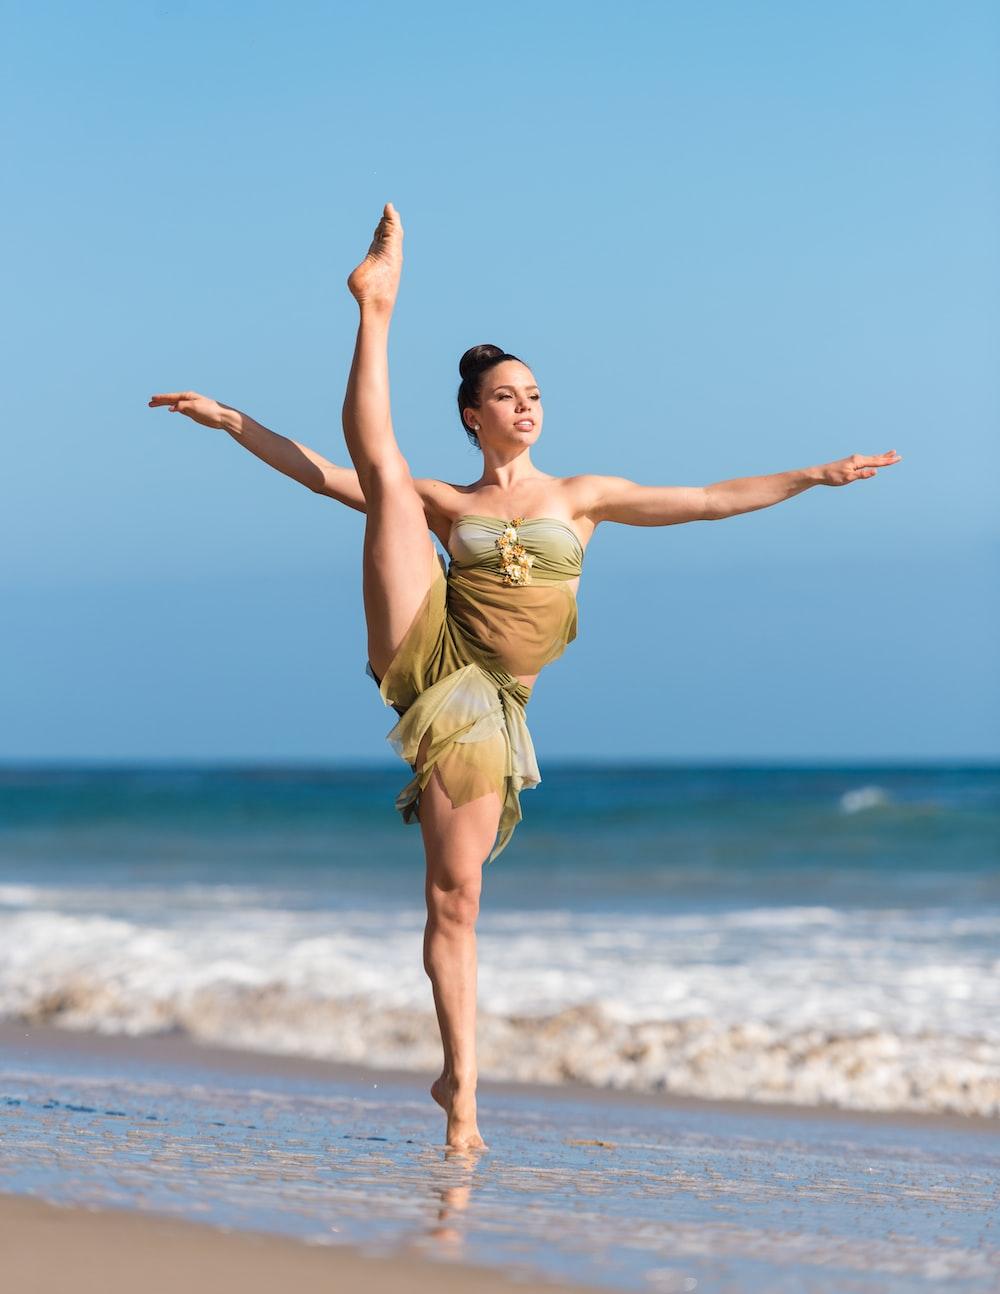 woman dancing in seashore